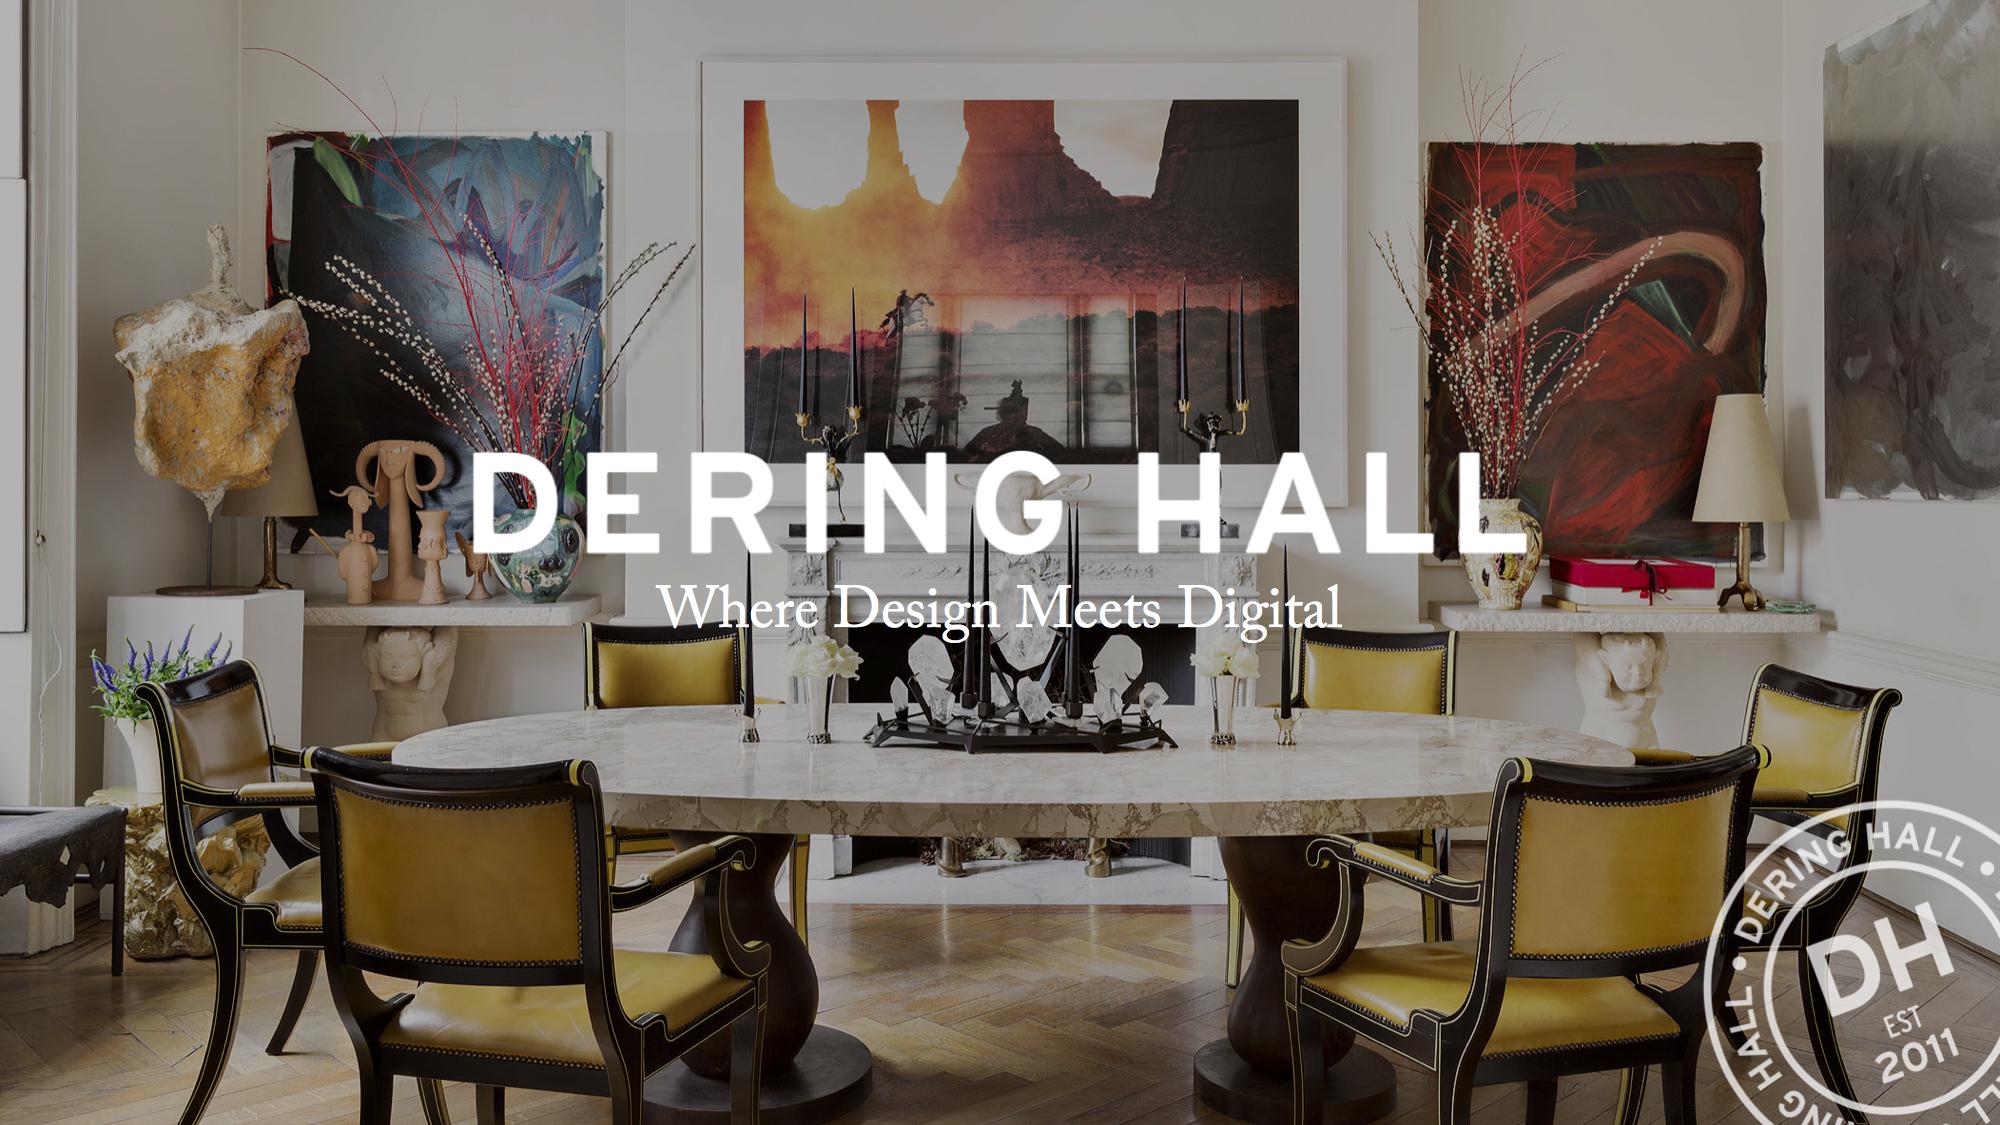 Dering Hall Brand Deck 2018.jpg